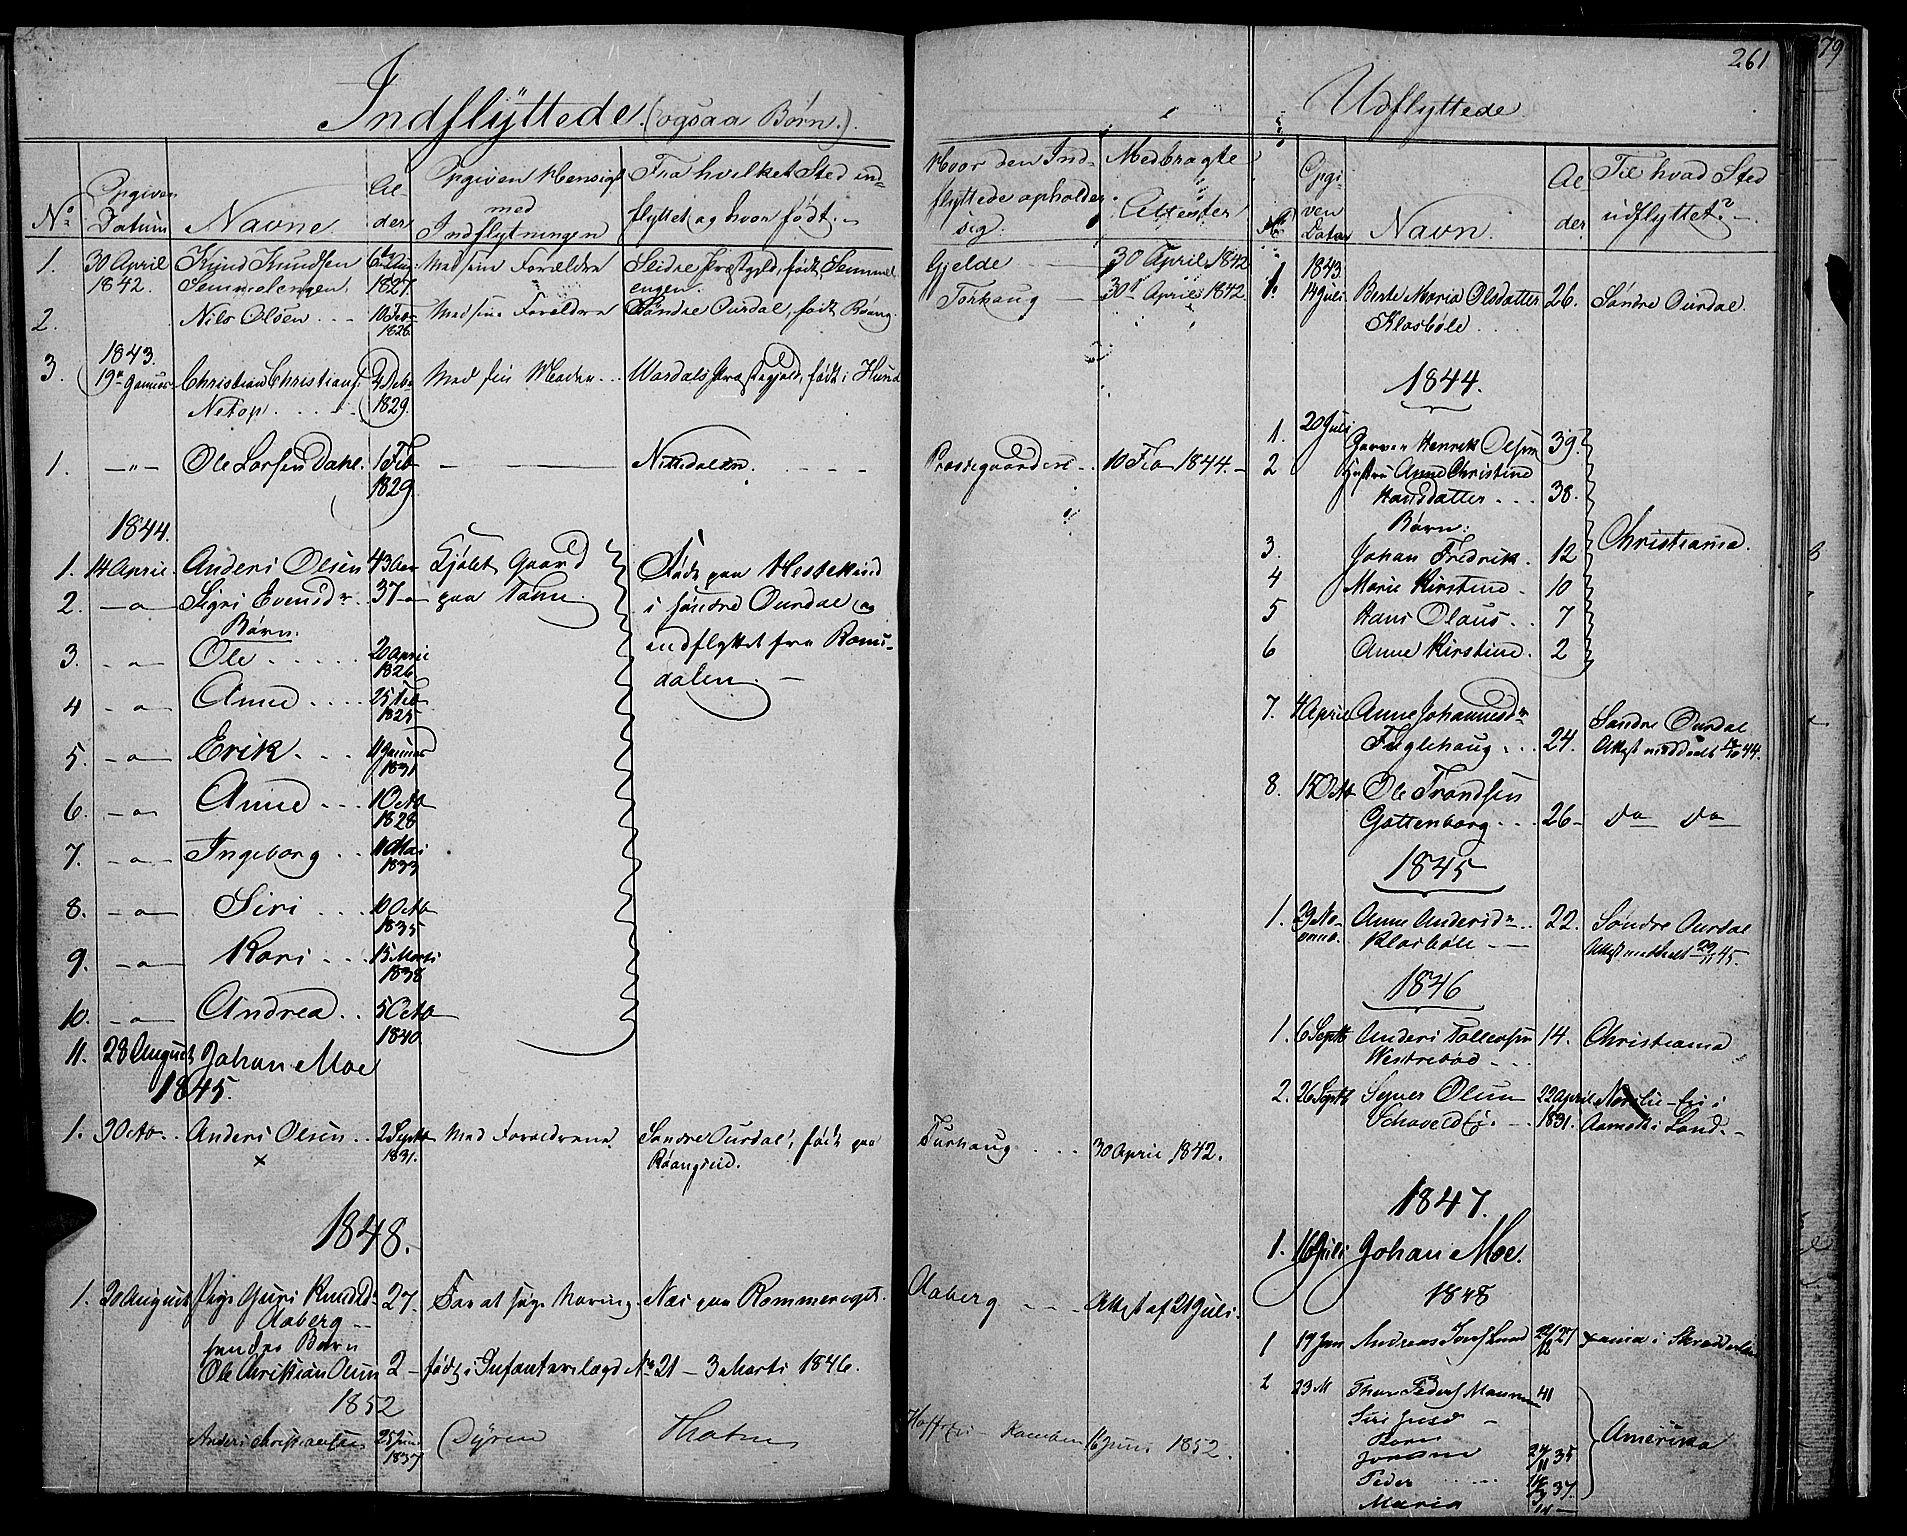 SAH, Nord-Aurdal prestekontor, Klokkerbok nr. 2, 1842-1877, s. 261